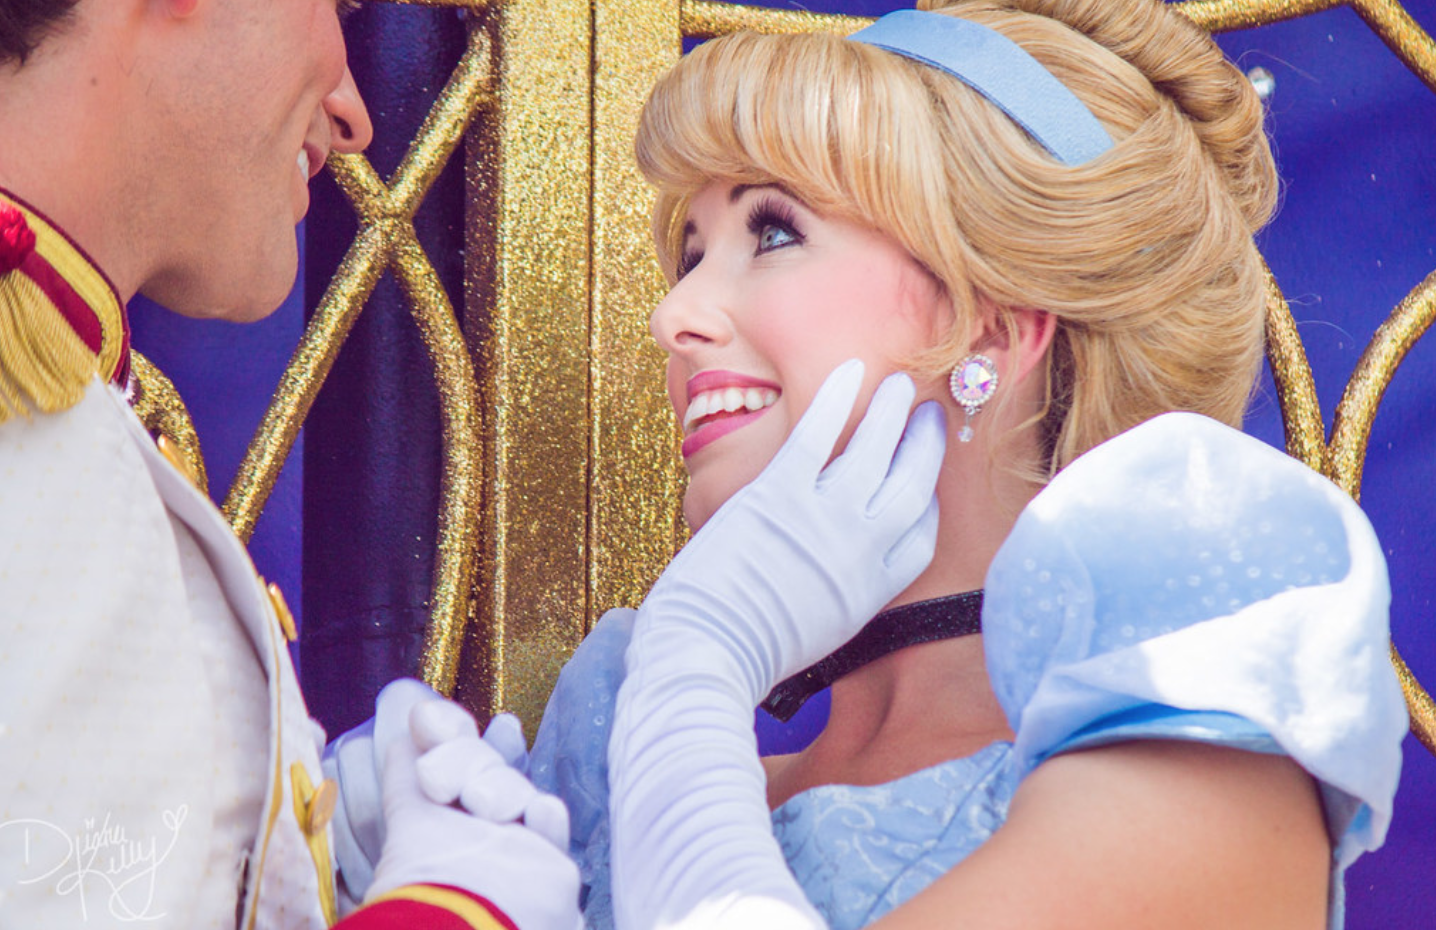 9 bí mật đằng sau vẻ hào nhoáng của những cô công chúa làm việc tại Disney World - Ảnh 11.